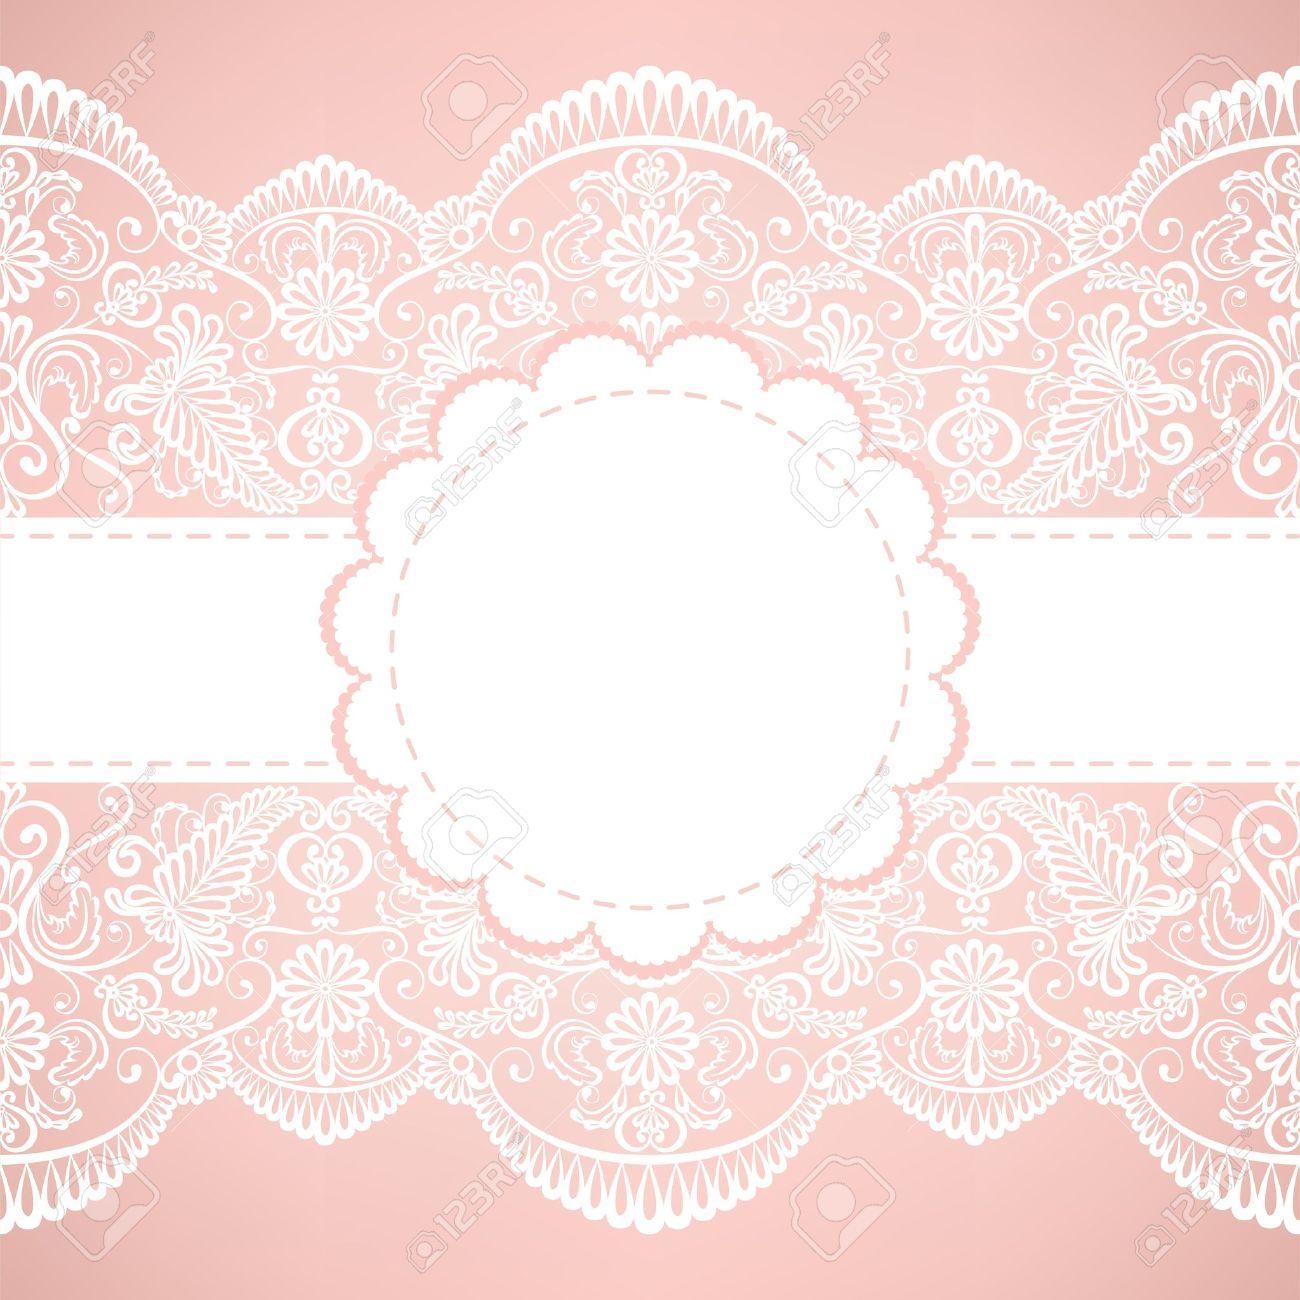 Vorlage Für Hochzeit, Einladung Oder Grusskarte Mit Spitze Stoff  Hintergrund Lizenzfreie Bilder   18375473